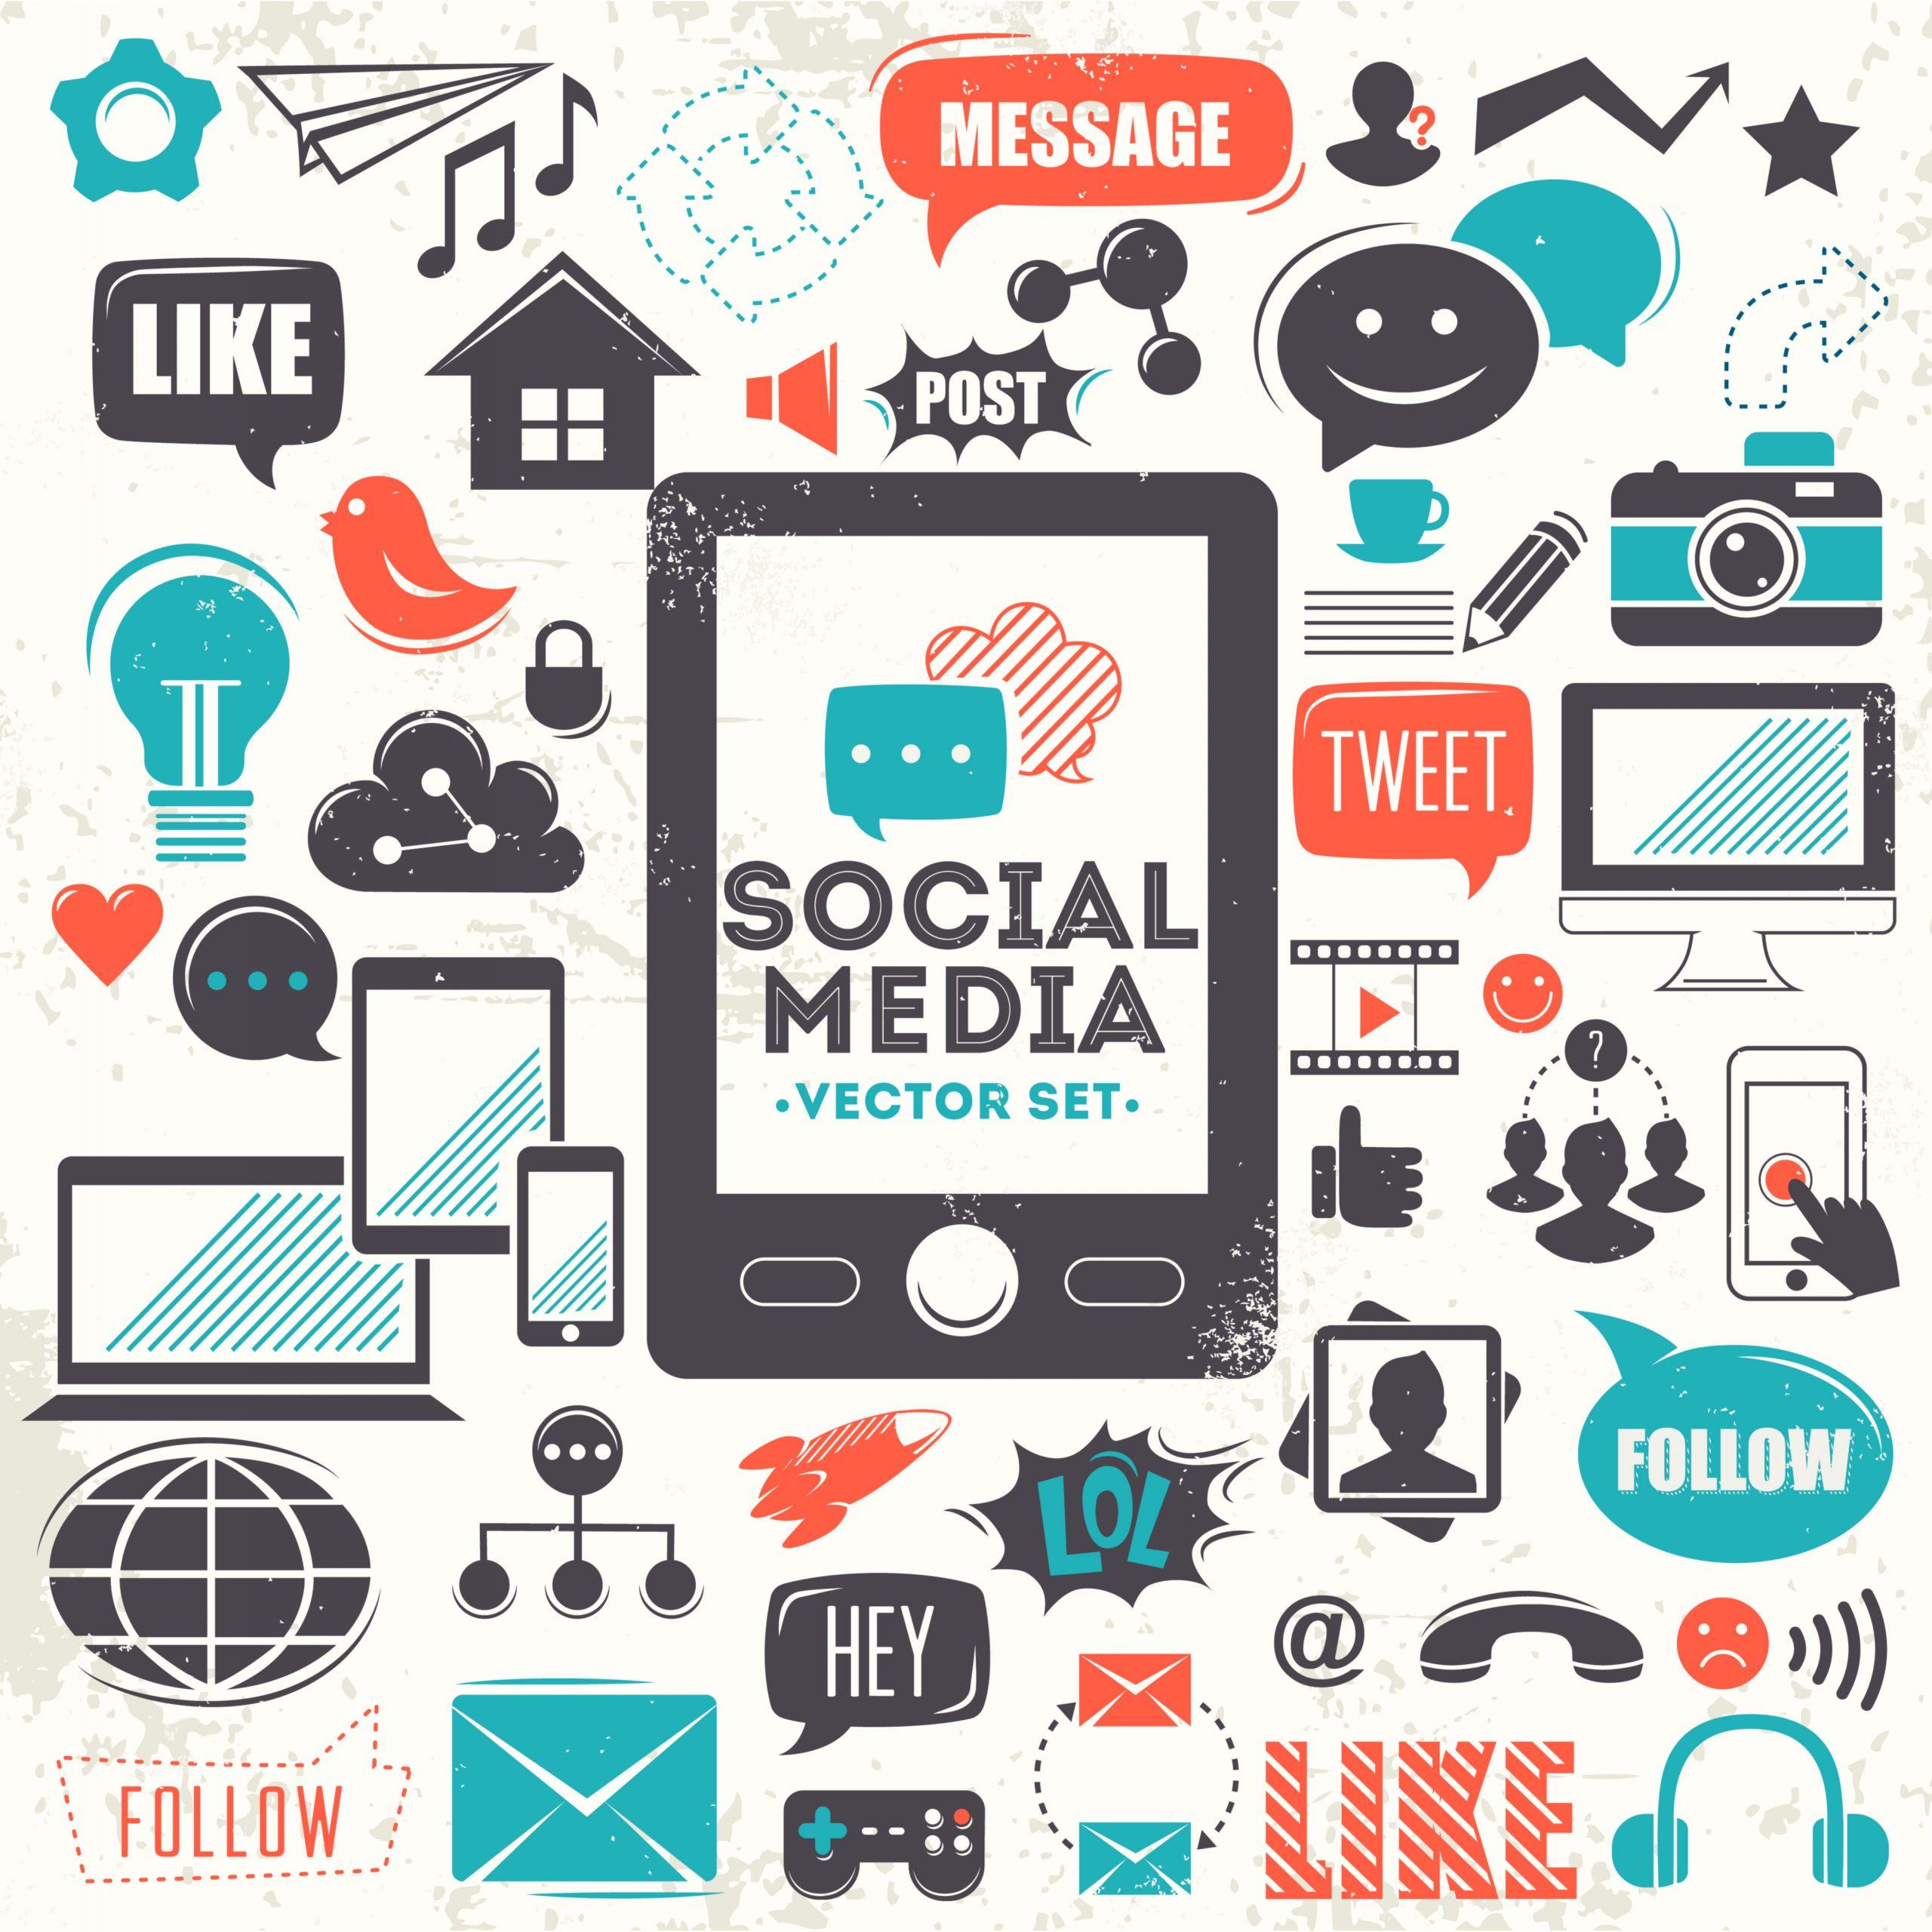 Social media symbols in a mindmap